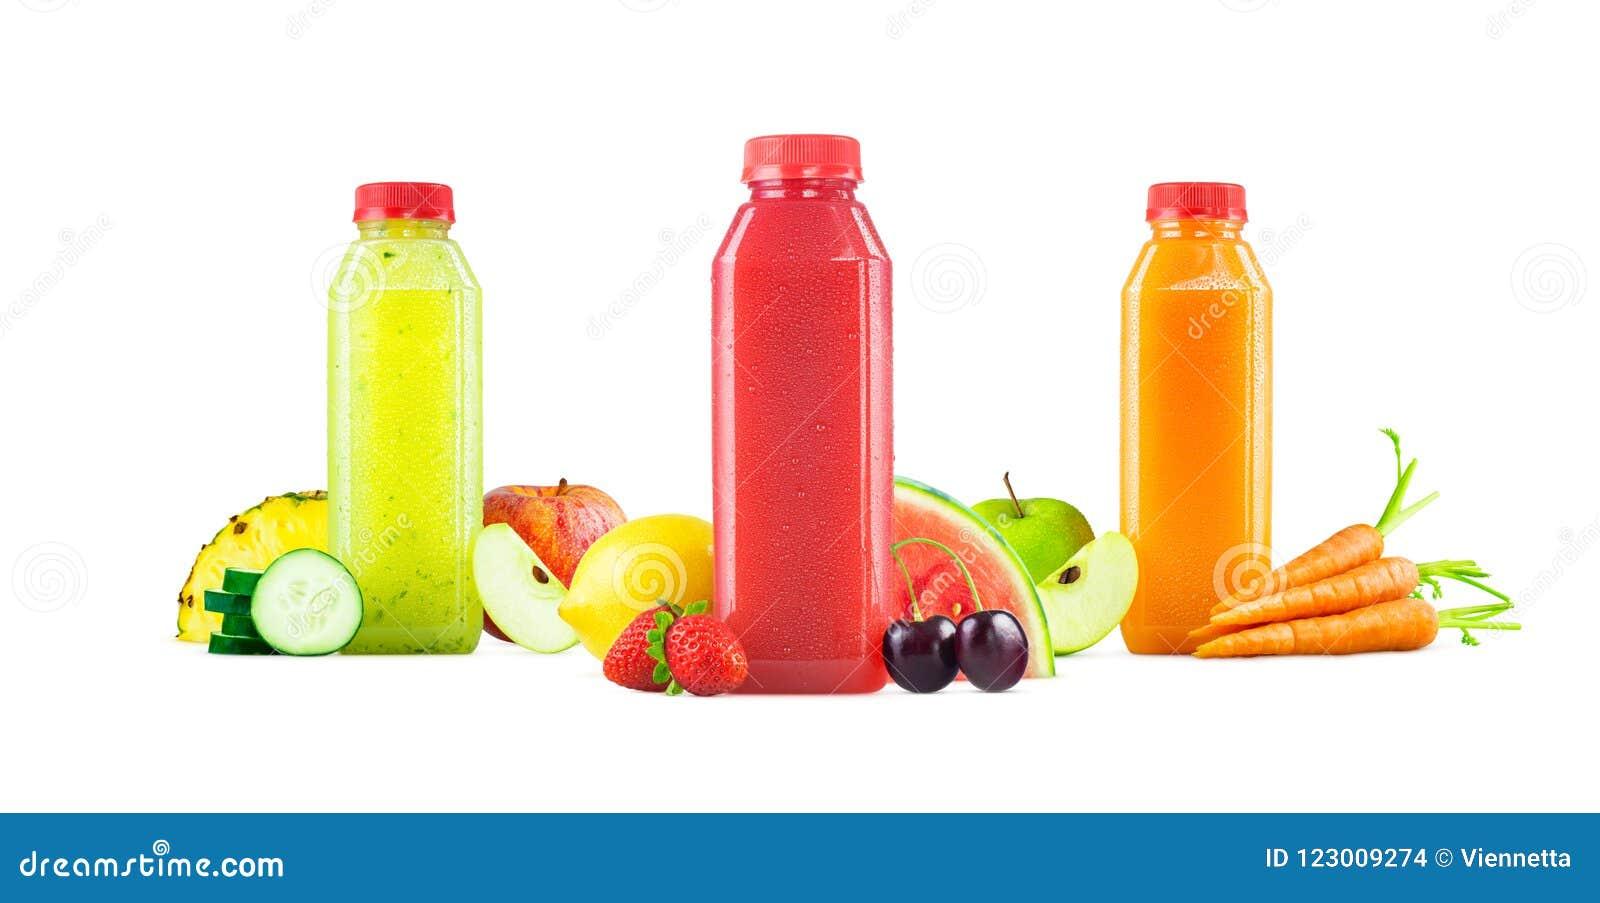 Flaschen frisch zusammengedrückter Obst- und gemüsesaft auf Weiß